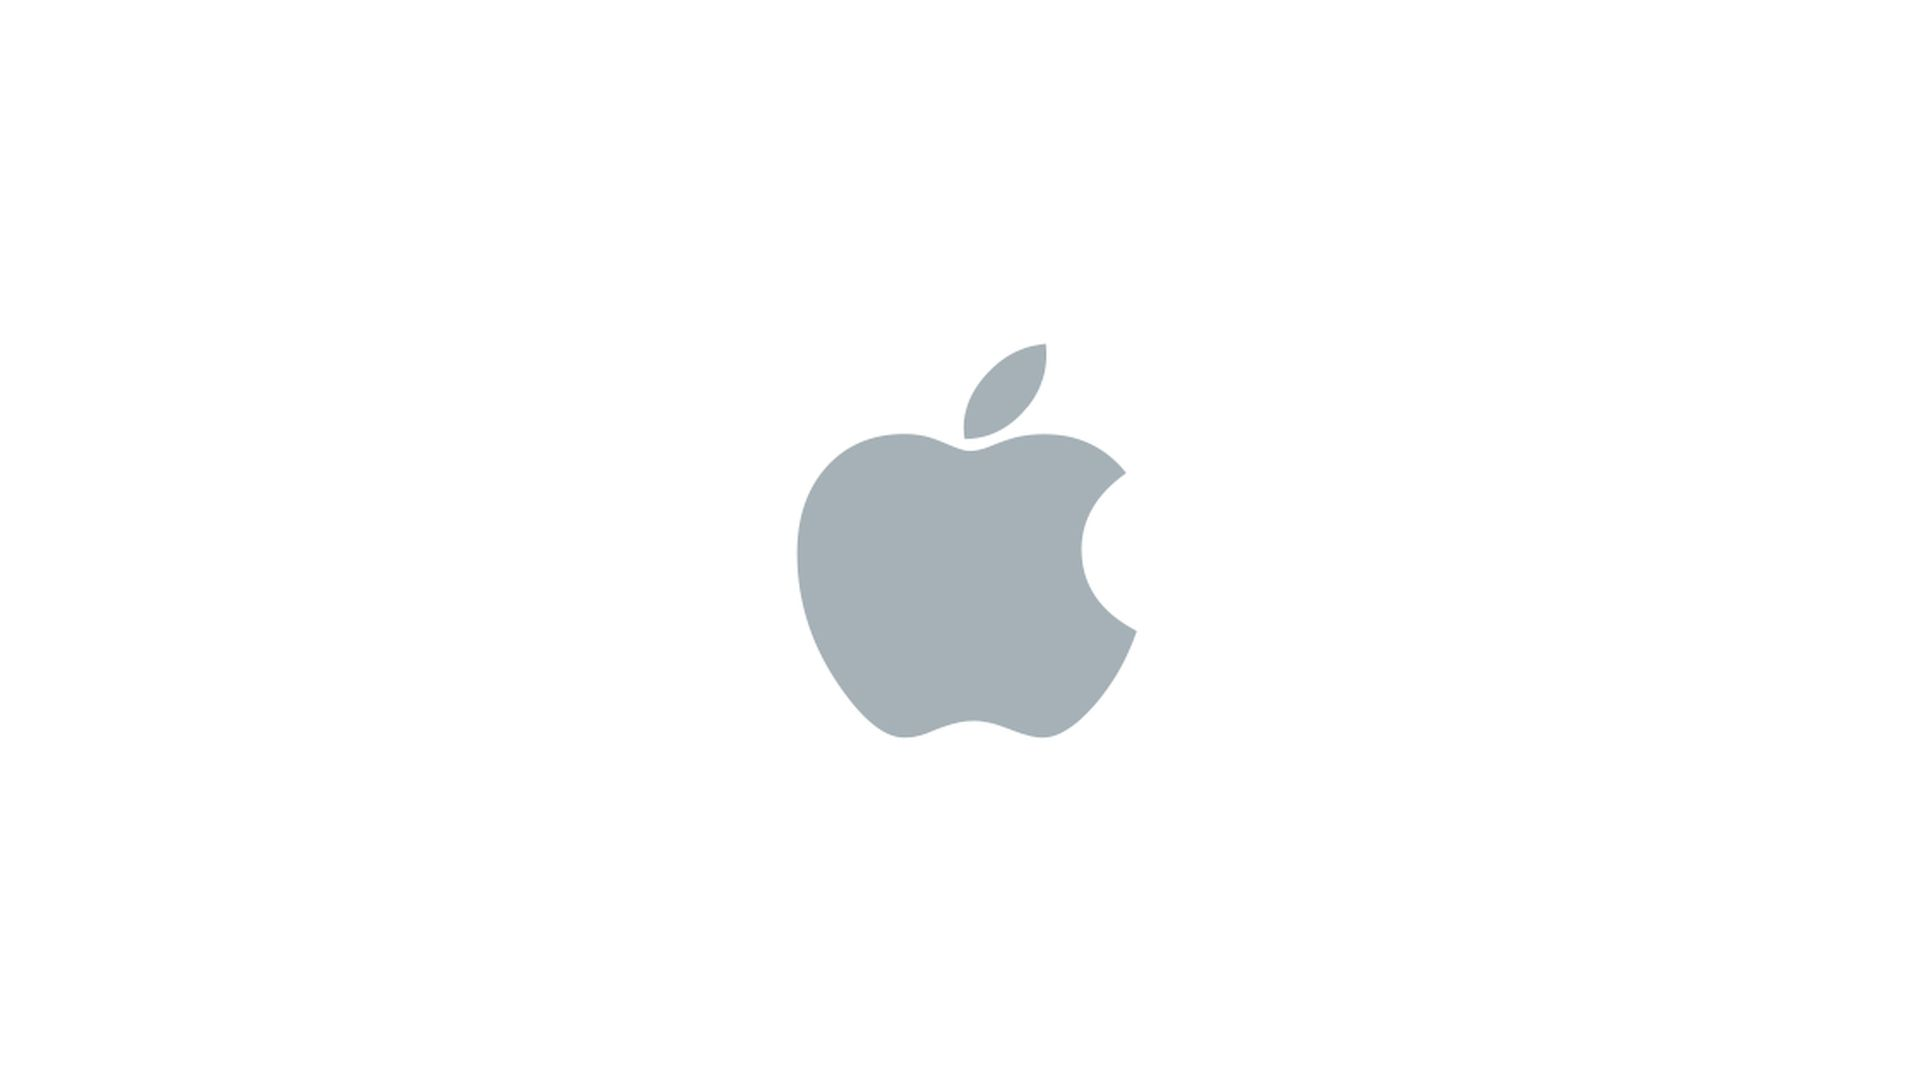 Nowy rekord został ustanowiony przez akcje firmy Apple